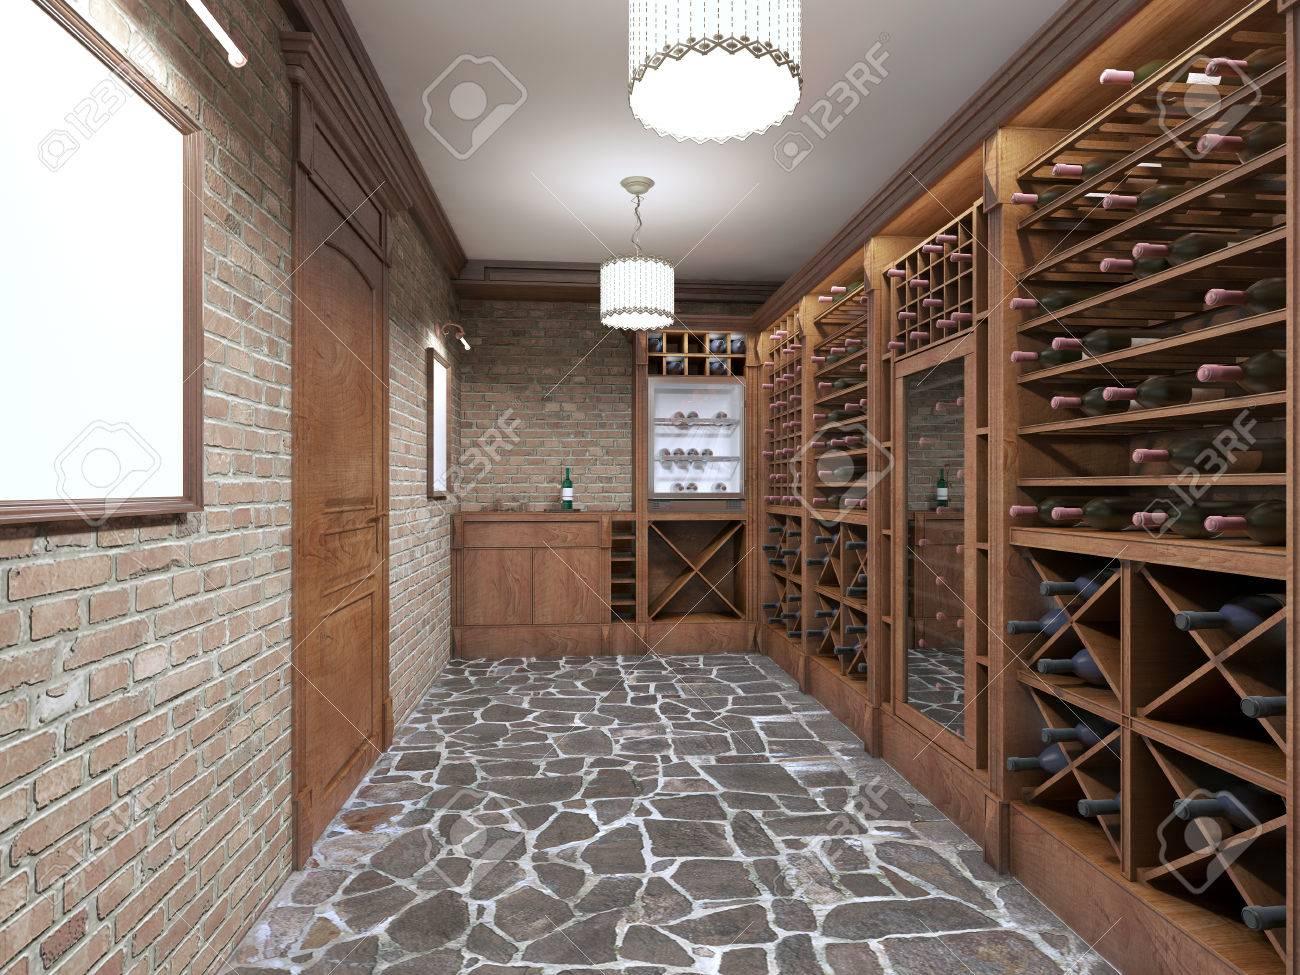 Standard Bild   Weinkeller Im Keller Des Hauses In Einem Rustikalen Stil.  Offene Weinregale Mit Flaschen. 3D übertragen.